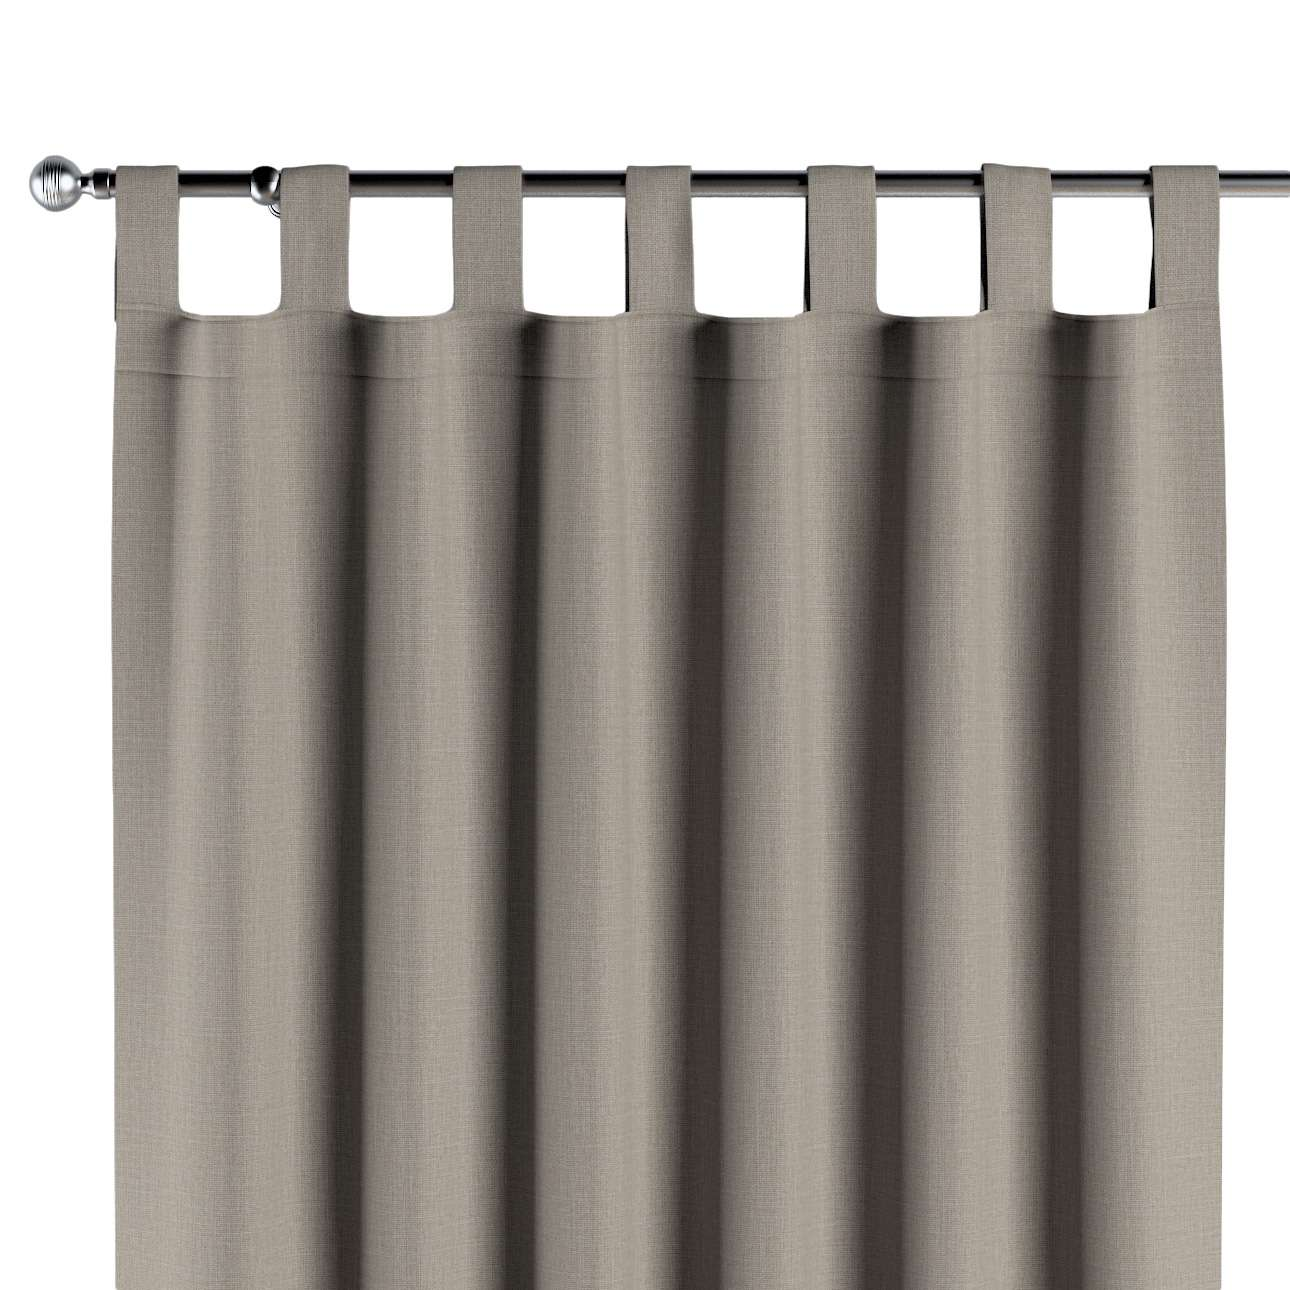 Zasłona zaciemniająca na szelkach 1 szt. w kolekcji Blackout 280, tkanina: 269-11